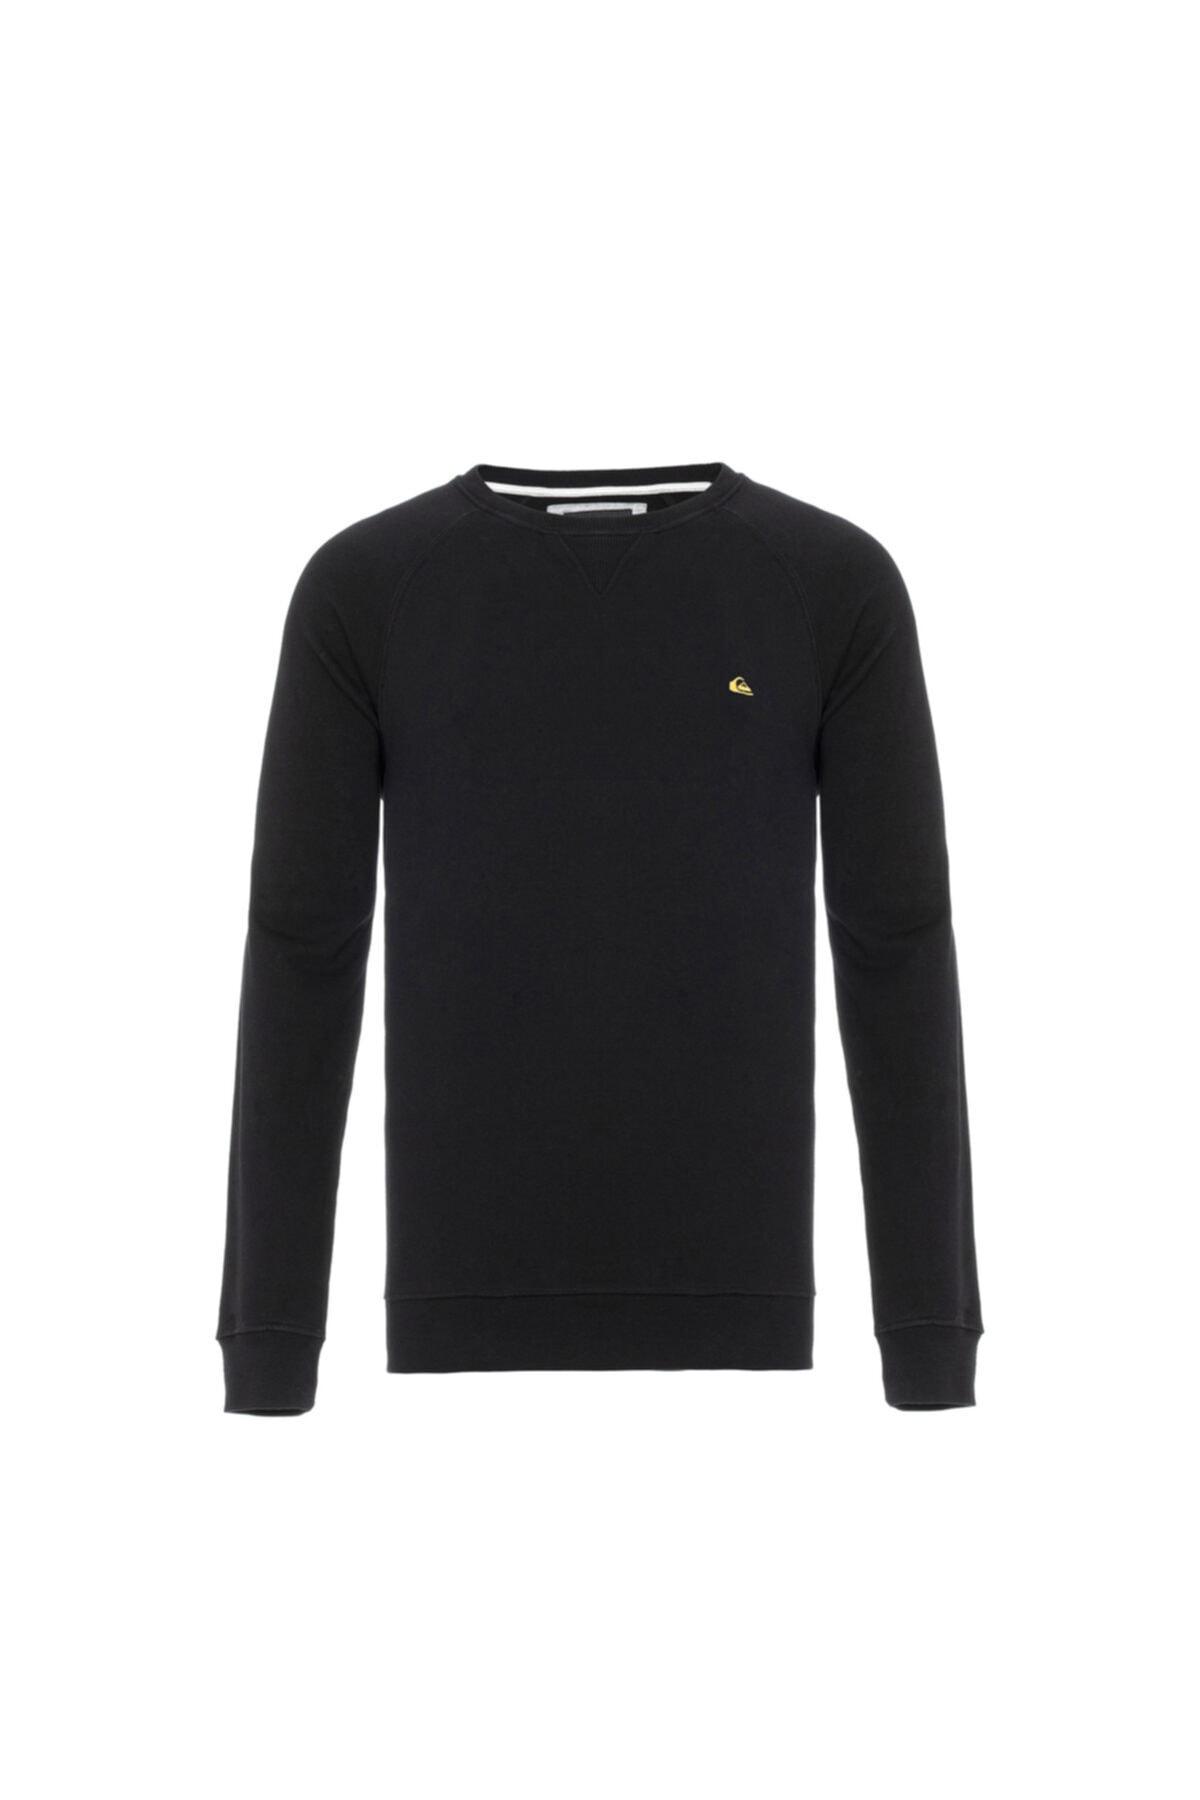 Quiksilver Everydayw Erkek Sweatshirt 1